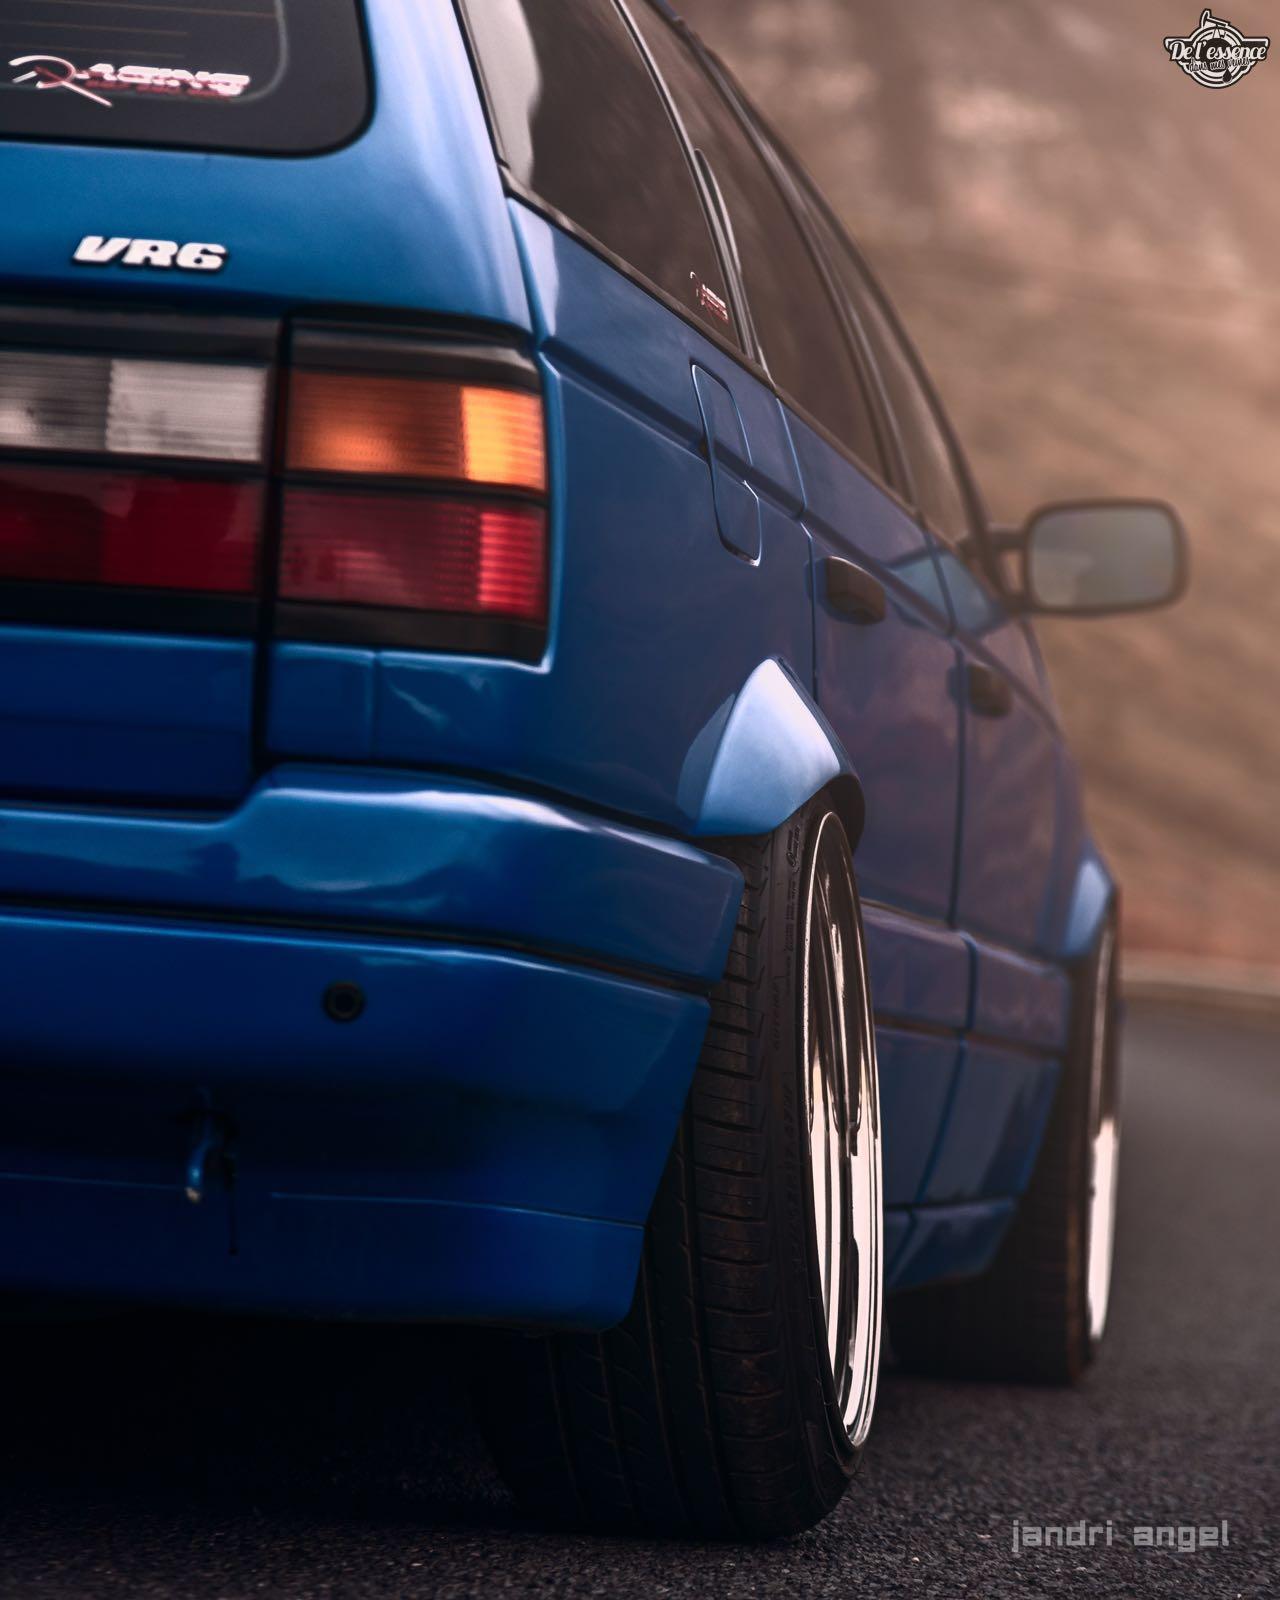 VW Break Passat... VR6 ! Elle est parfaite. 3